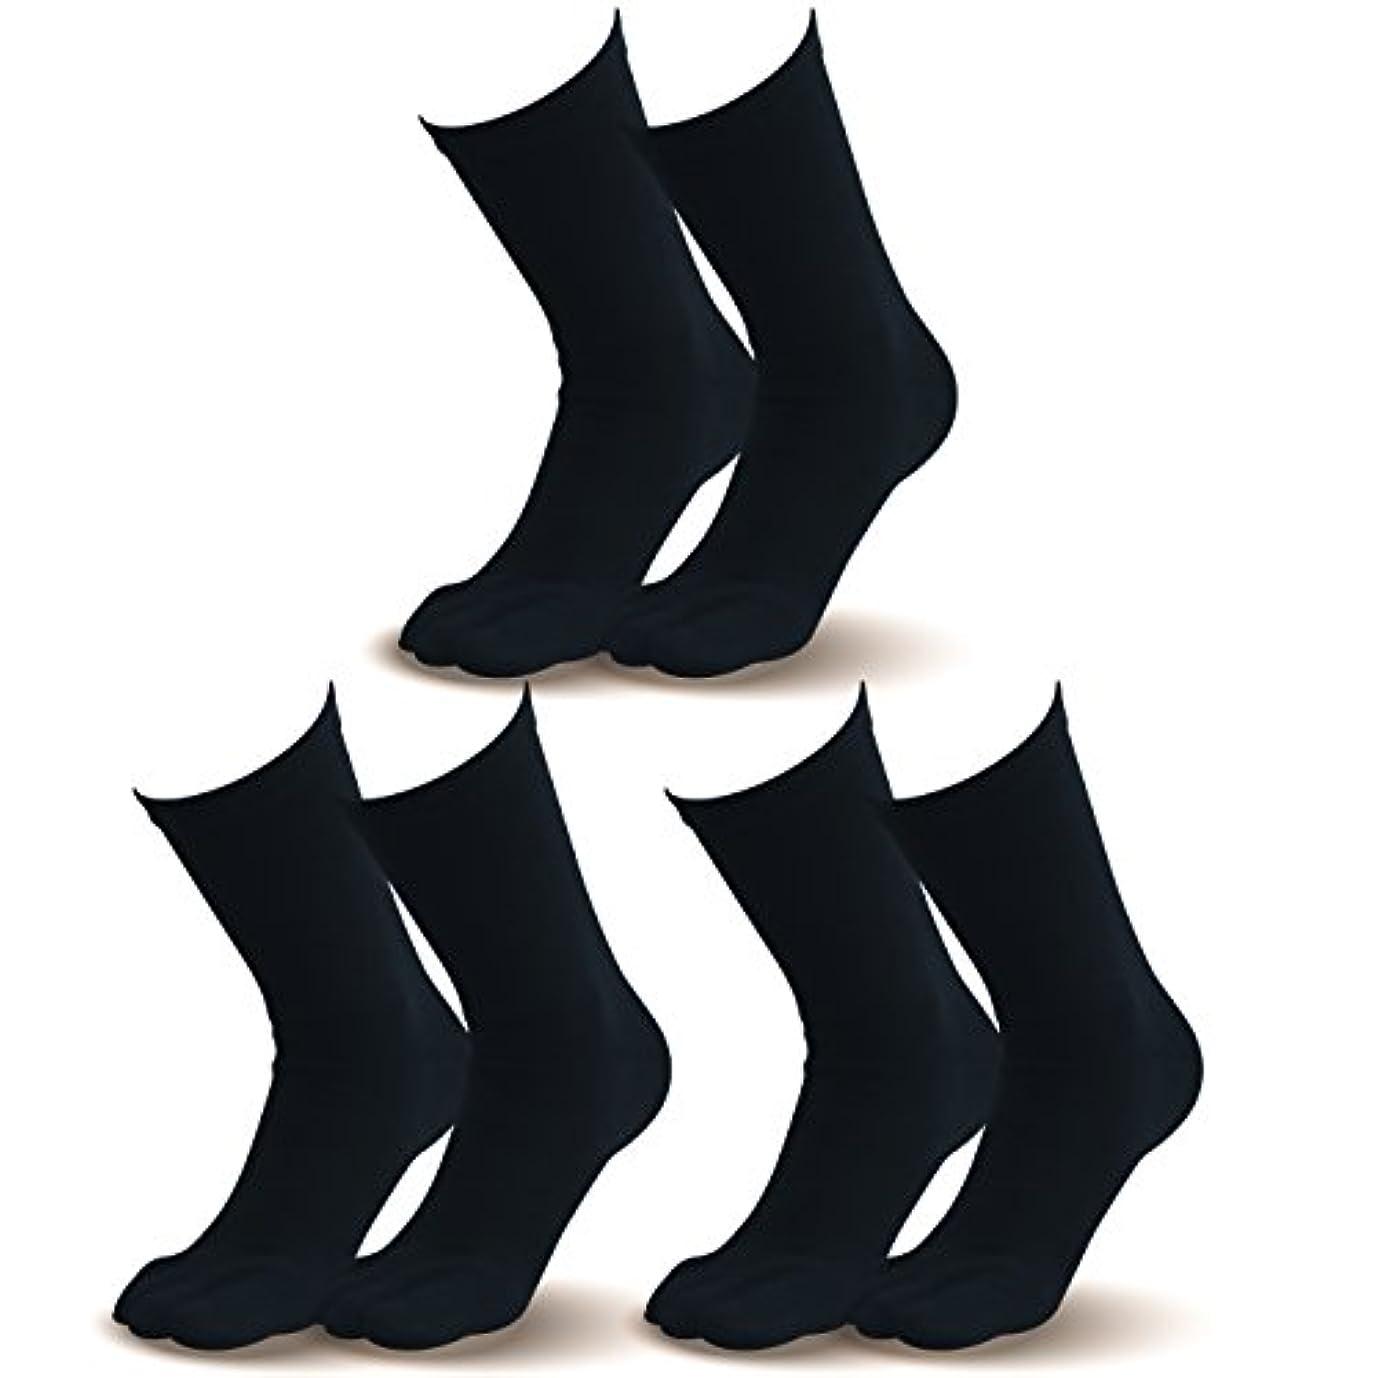 たっぷり活性化するそれ【指先まであったか靴下】とってもお得な ブラック3足組  温かい 暖かい 遠赤外線加工 セラミック 伸びる 外反母趾対策 健康 5本指ソックス